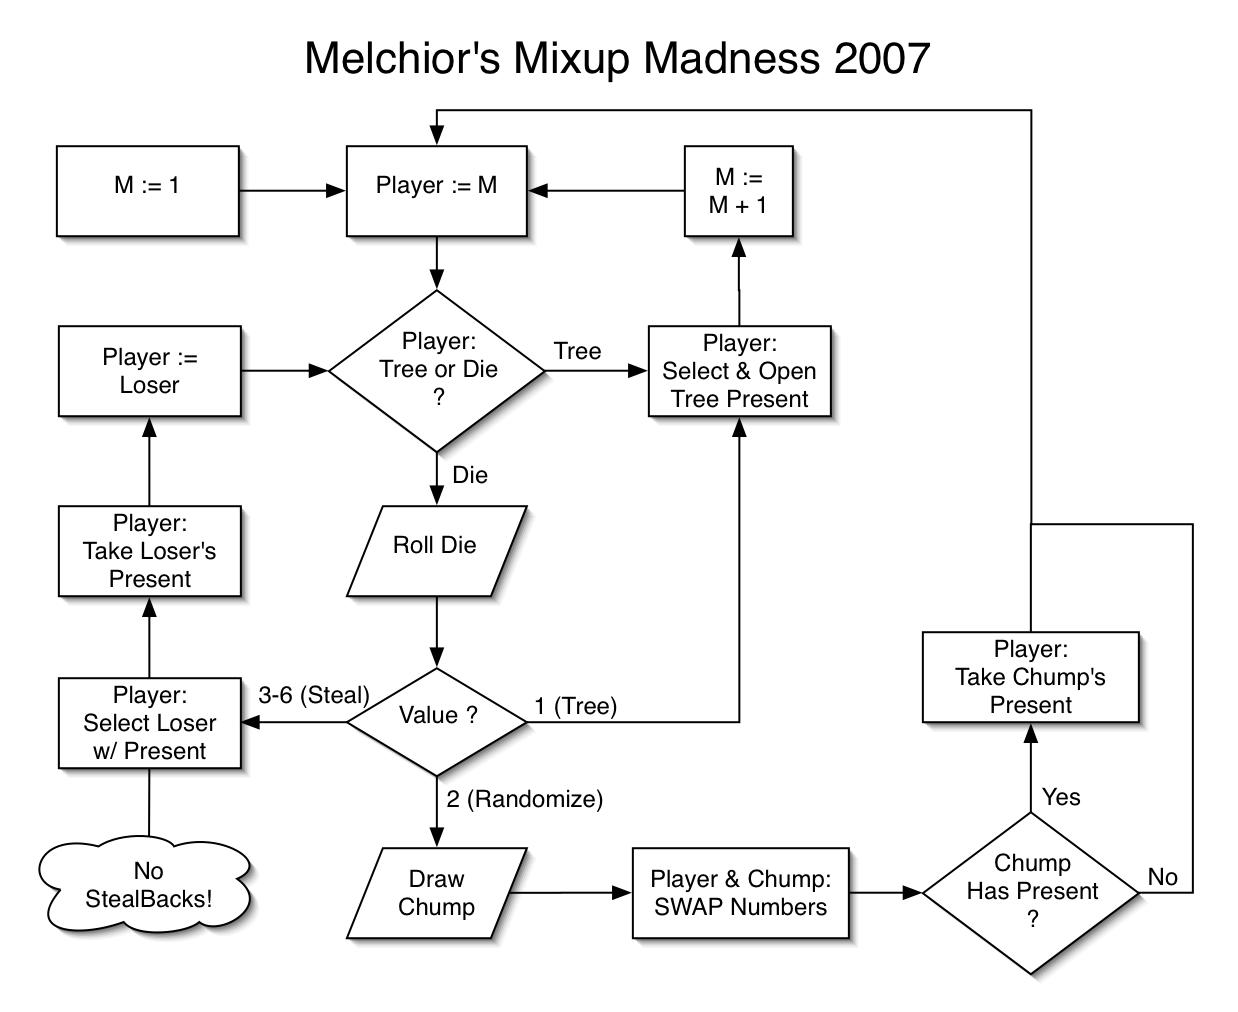 Melchior's Mixup Madness Flowchart